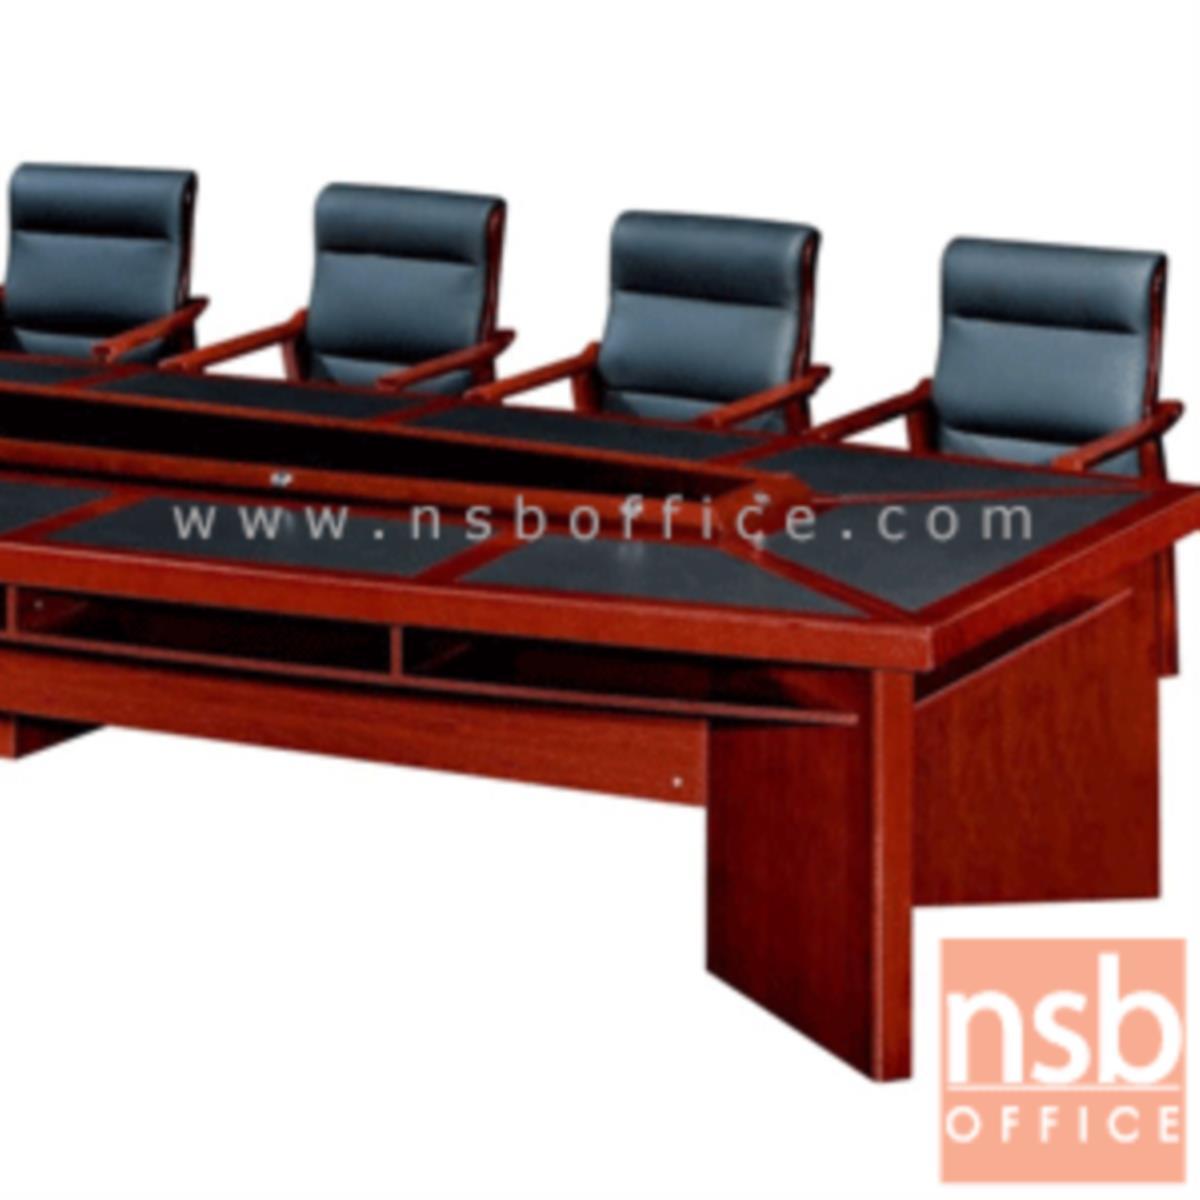 โต๊ะประชุมนำเข้า รุ่น Withers (วิเทอส์)  ขนาด 380W ,480W cm.  สีมะฮอกกานี